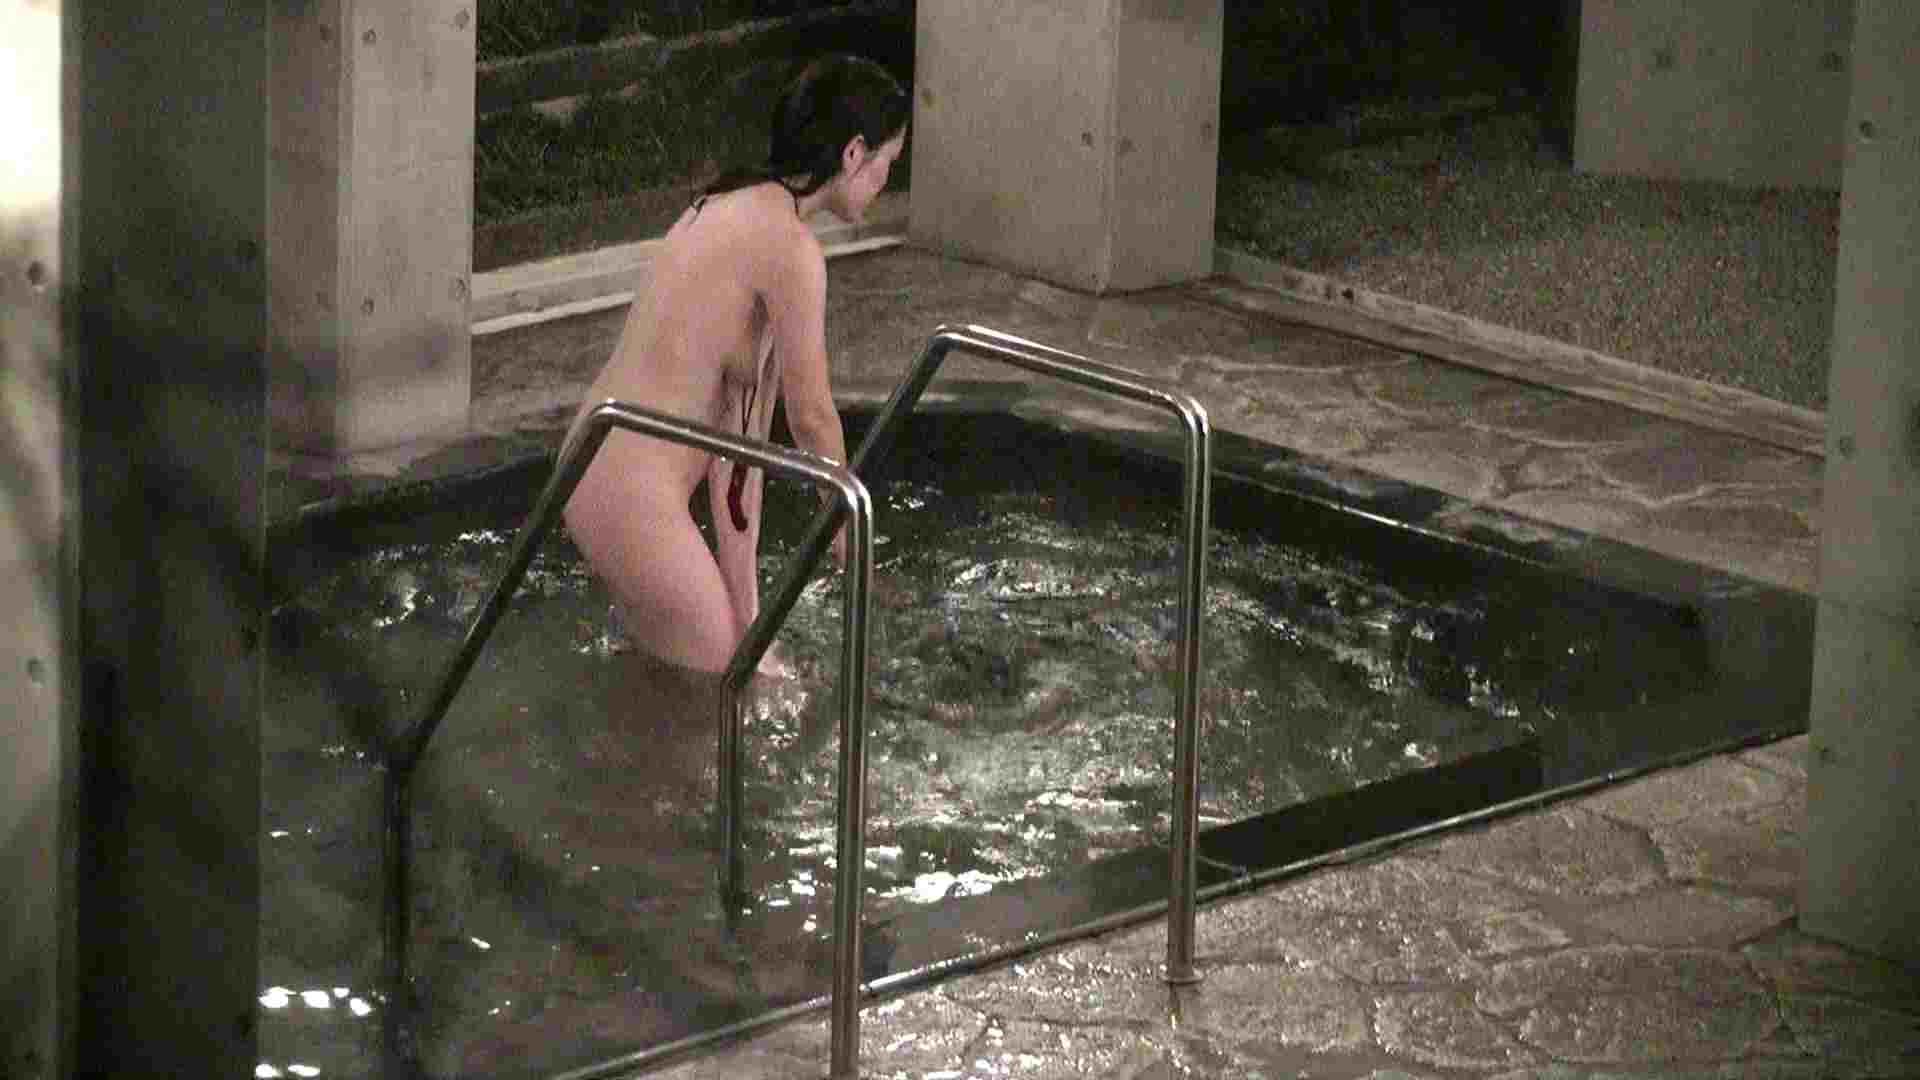 Aquaな露天風呂Vol.414 盗撮  67画像 18